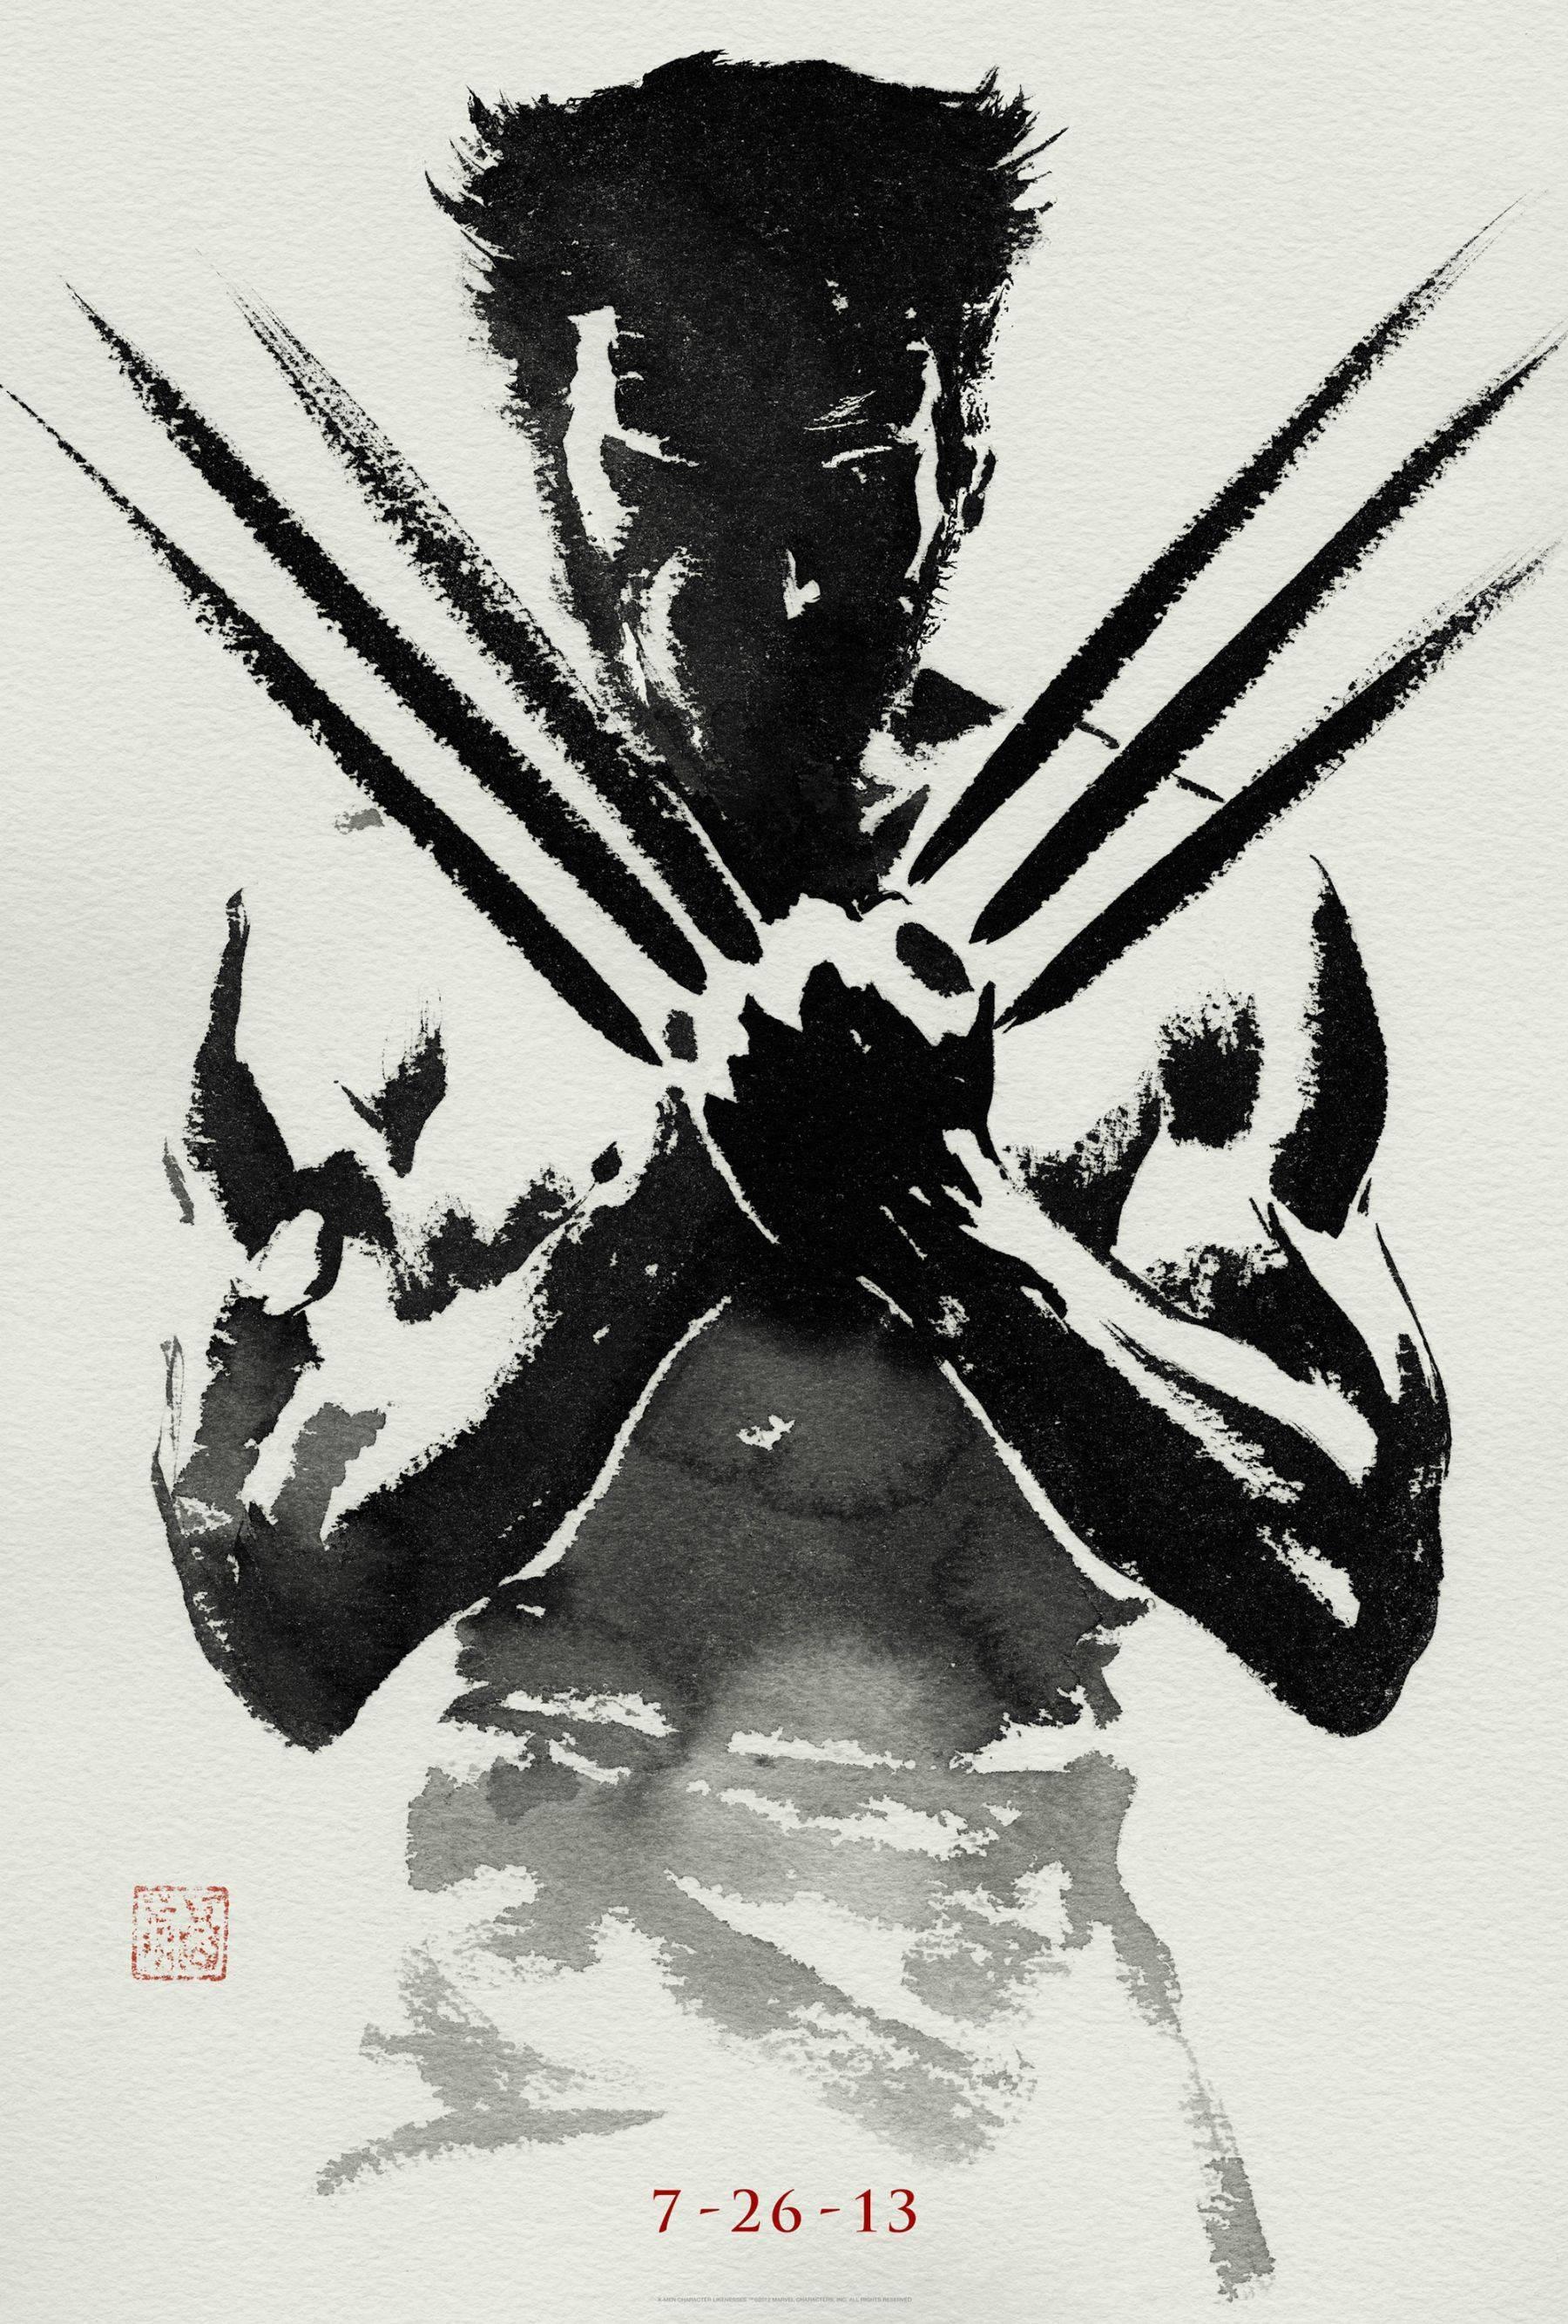 Wolverine Movie Poster